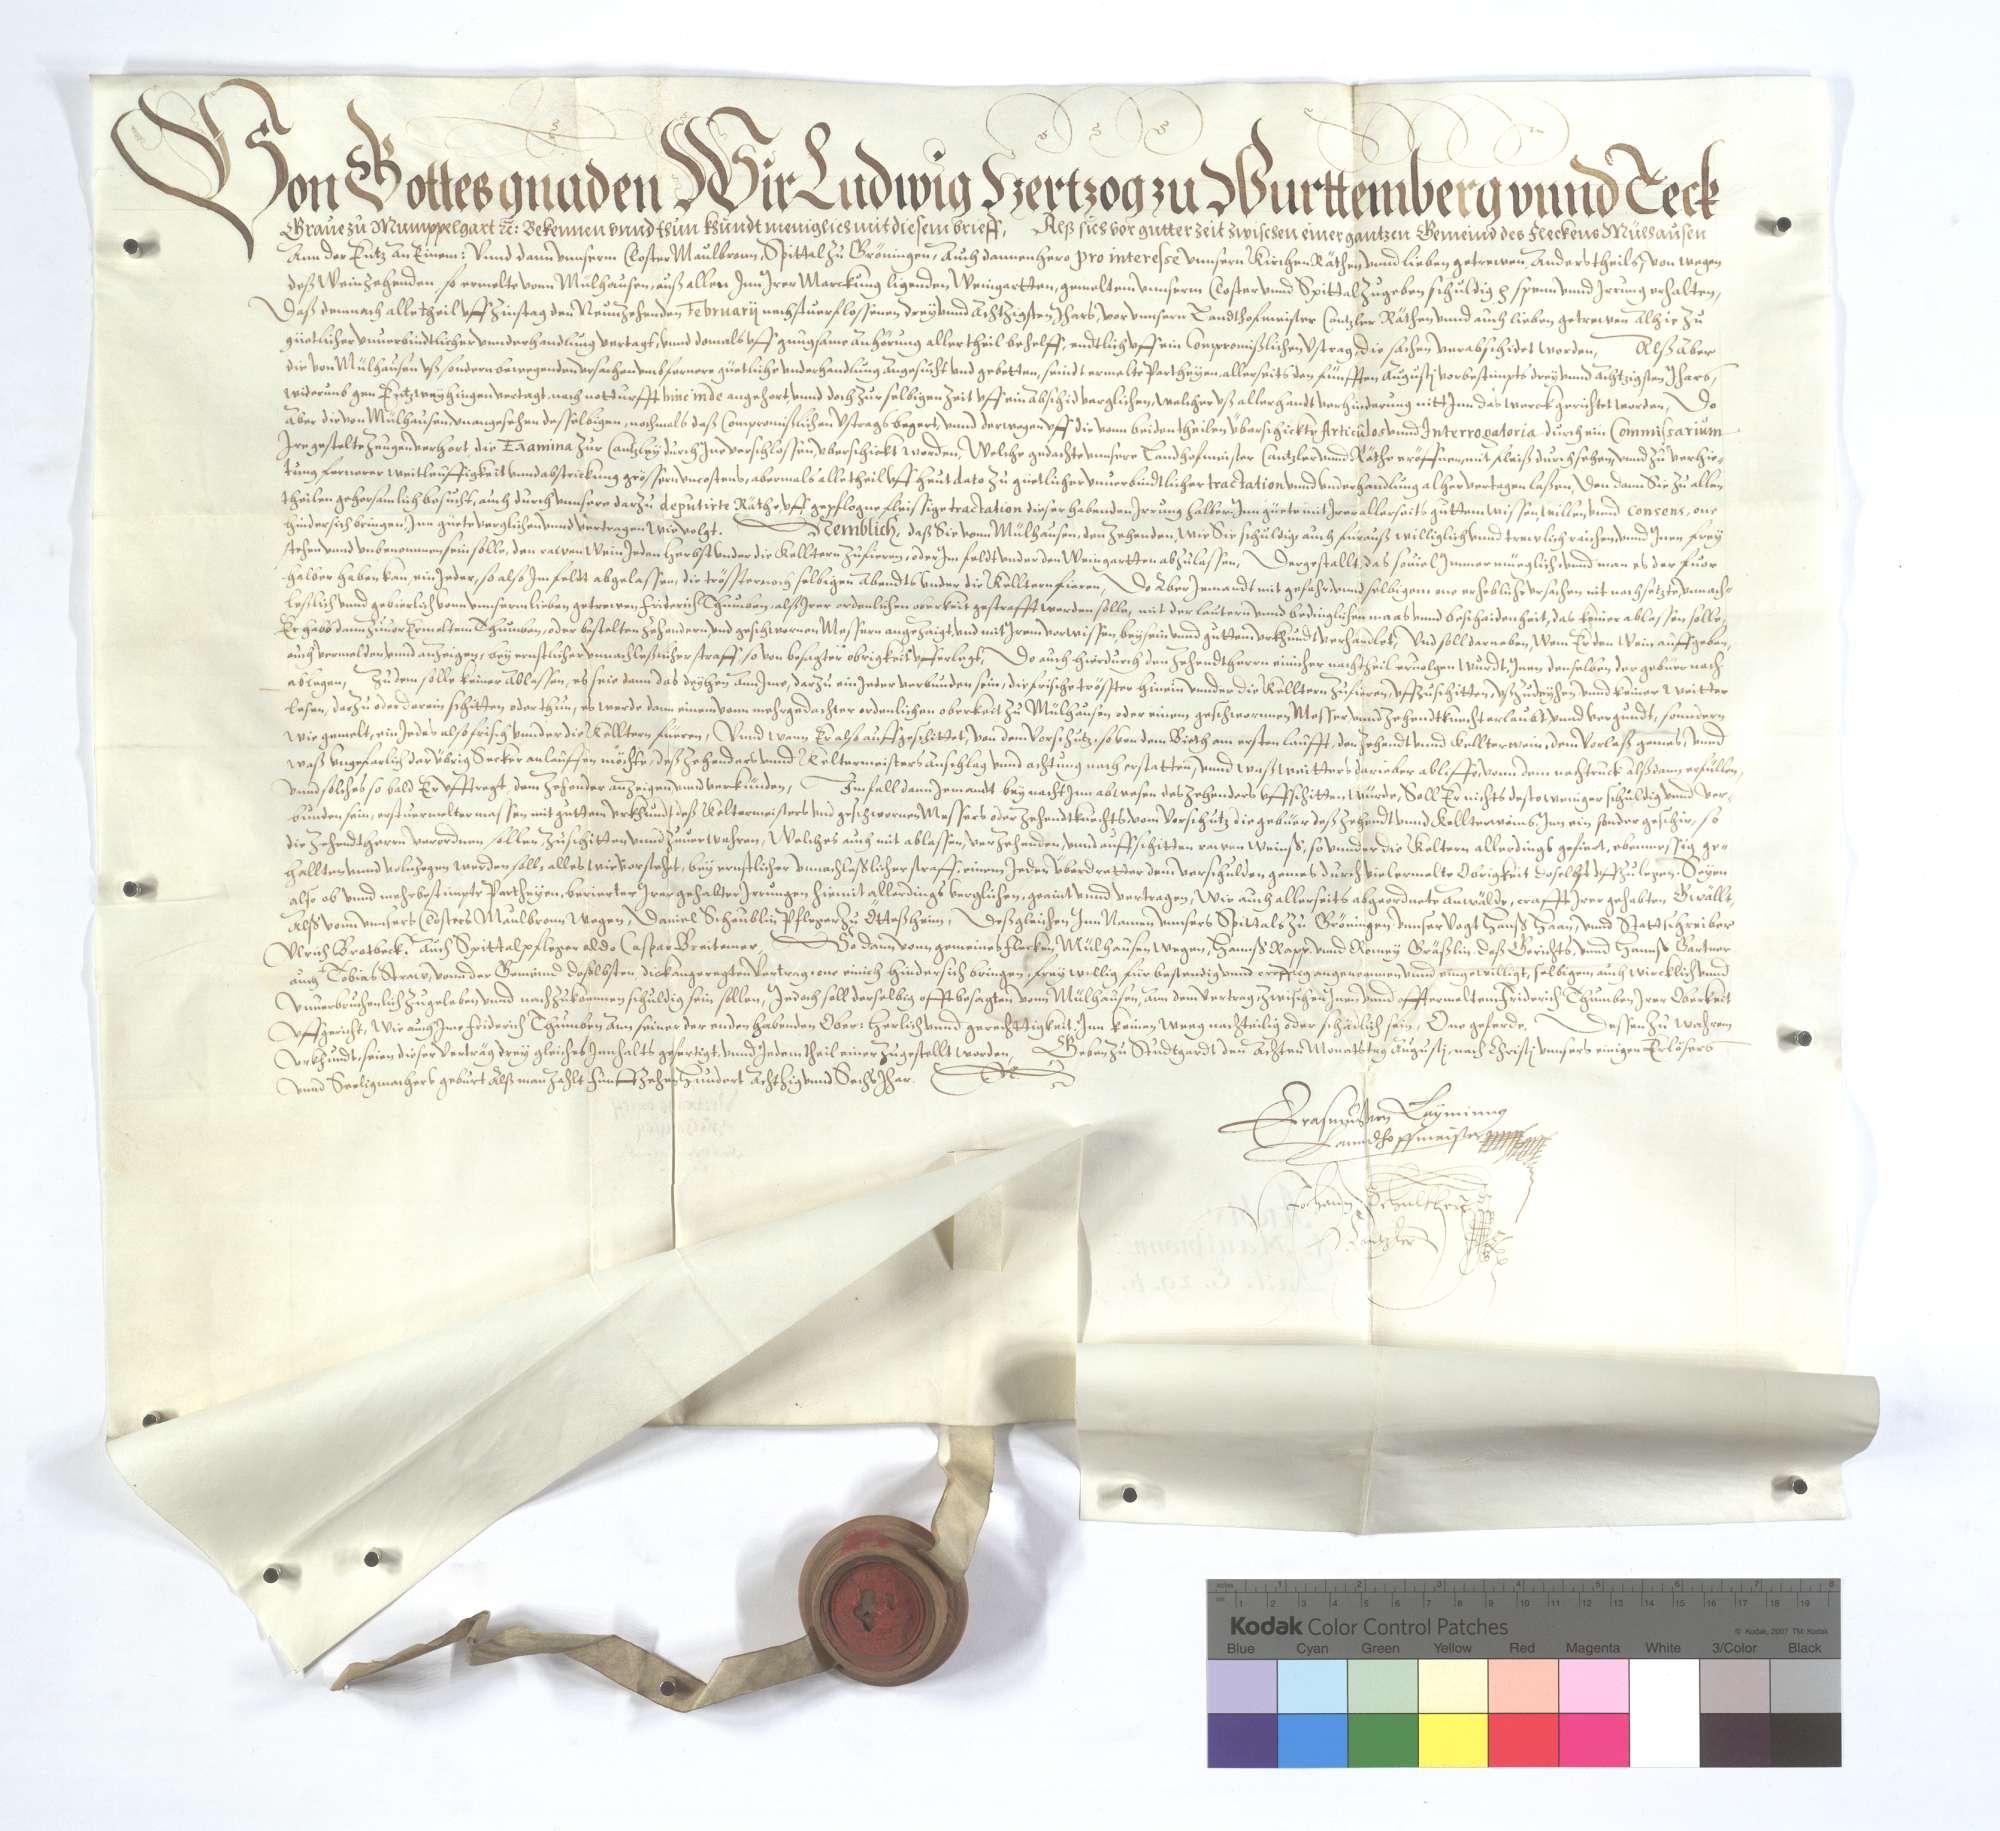 Vertrag zwischen der Kommune Mühlhausen (Mülhausen) und dem Kloster Maulbronn und Spital in Markgröningen (Groningen) wegen des Weinzehnten auf ersterer Markung., Text